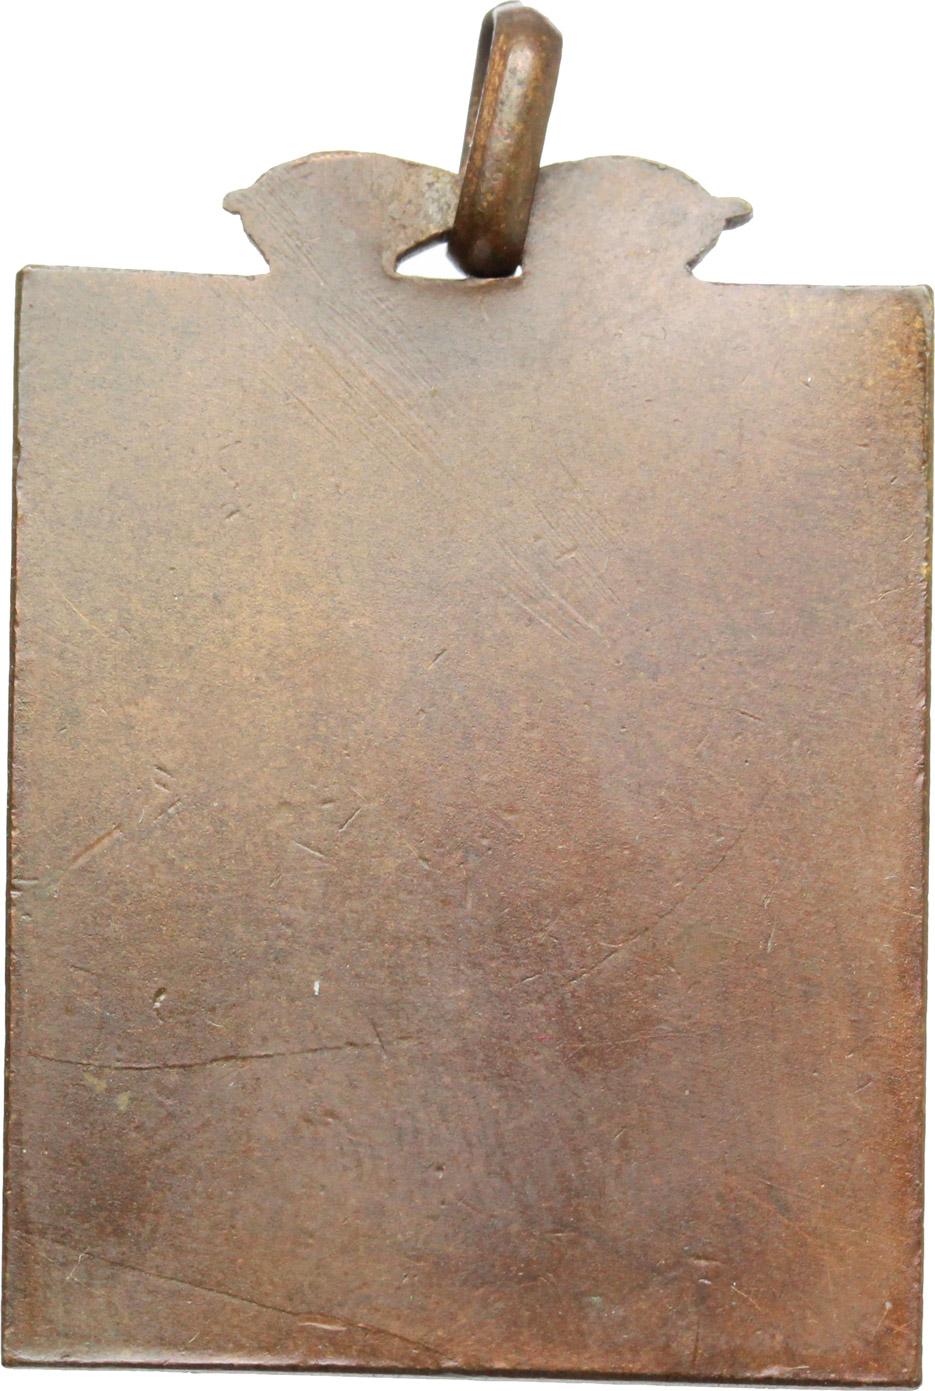 R/  Medaglietta rettangolare anepigrafe con Demetra e nodo sabaudo.     AE.     Dimensioni:: 30.5 x 25 mm. qSPL.